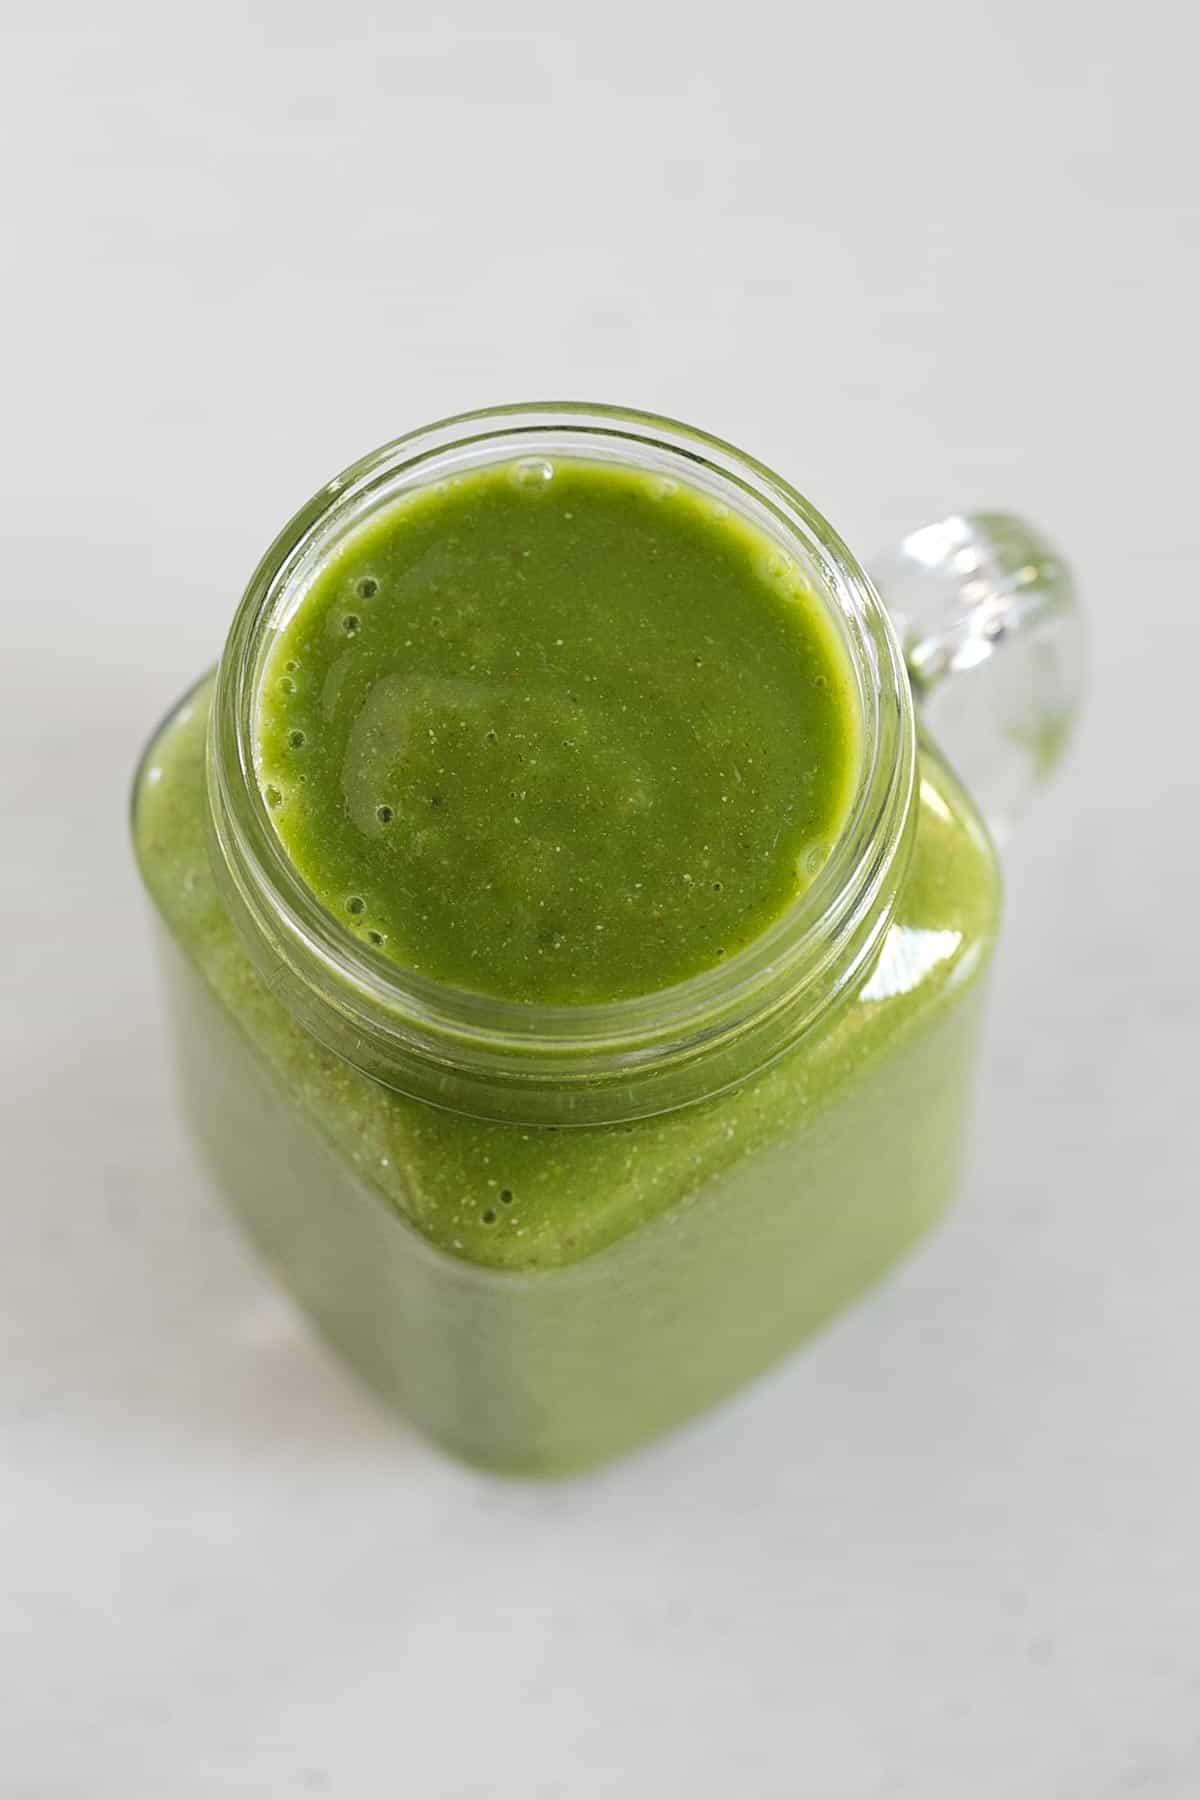 Batido o Licuado Verde de Otoño - Este batido o licuado verde de otoño es una forma perfecta de incorporar frutas y verduras en nuestra dieta. Está hecho con ingredientes de temporada.